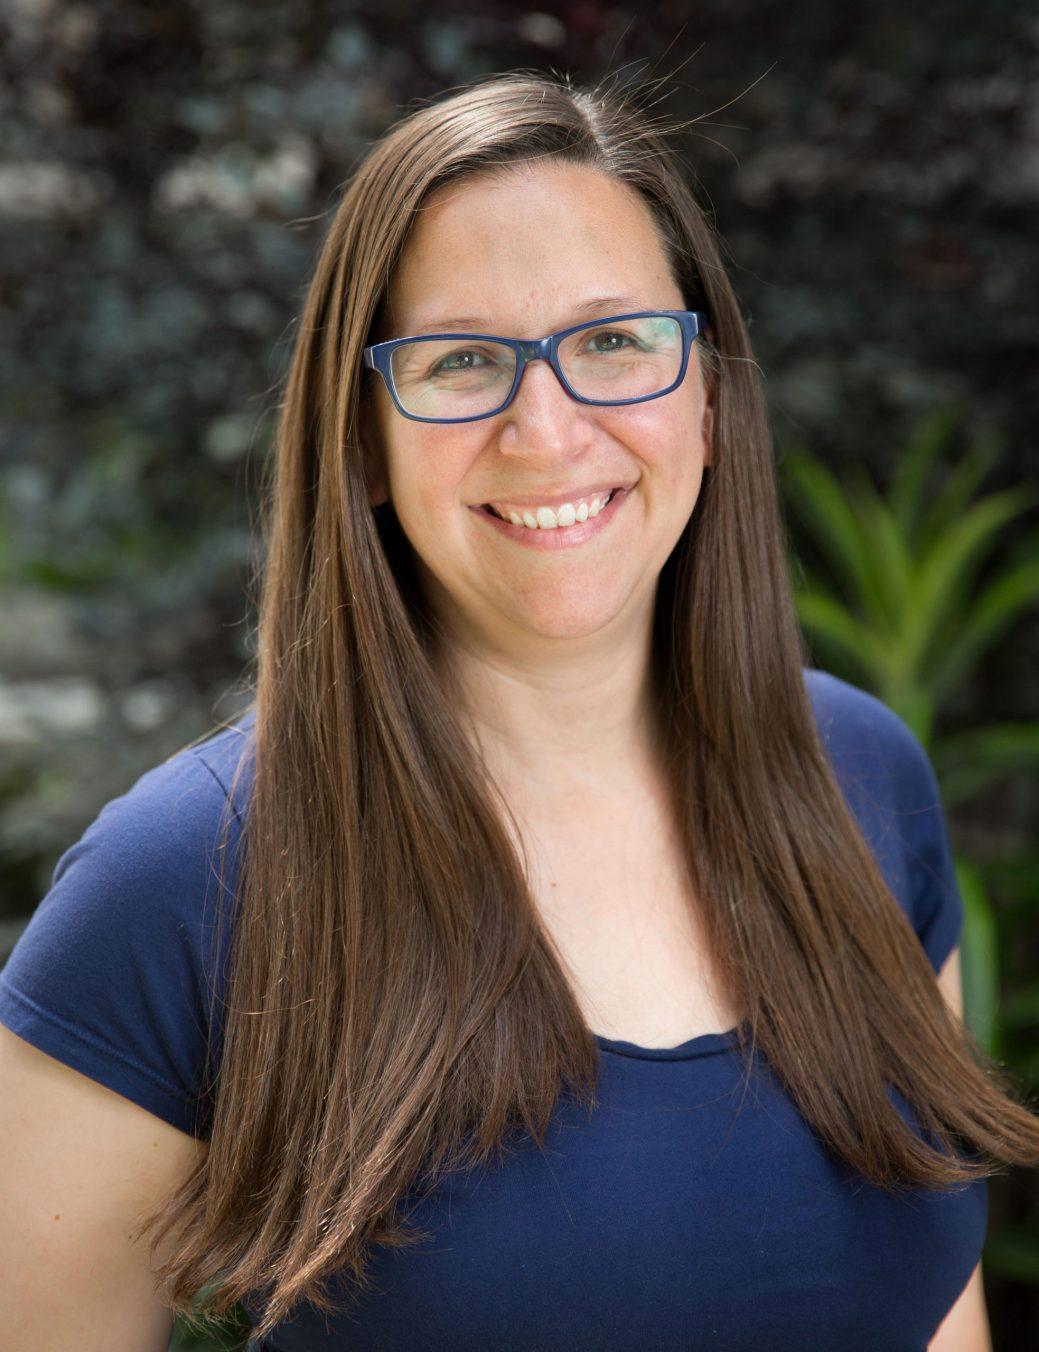 Dre Jessica Vickruck est une entomologiste (spécialiste des insectes) dans la région de Fredericton. - Gracieuseté